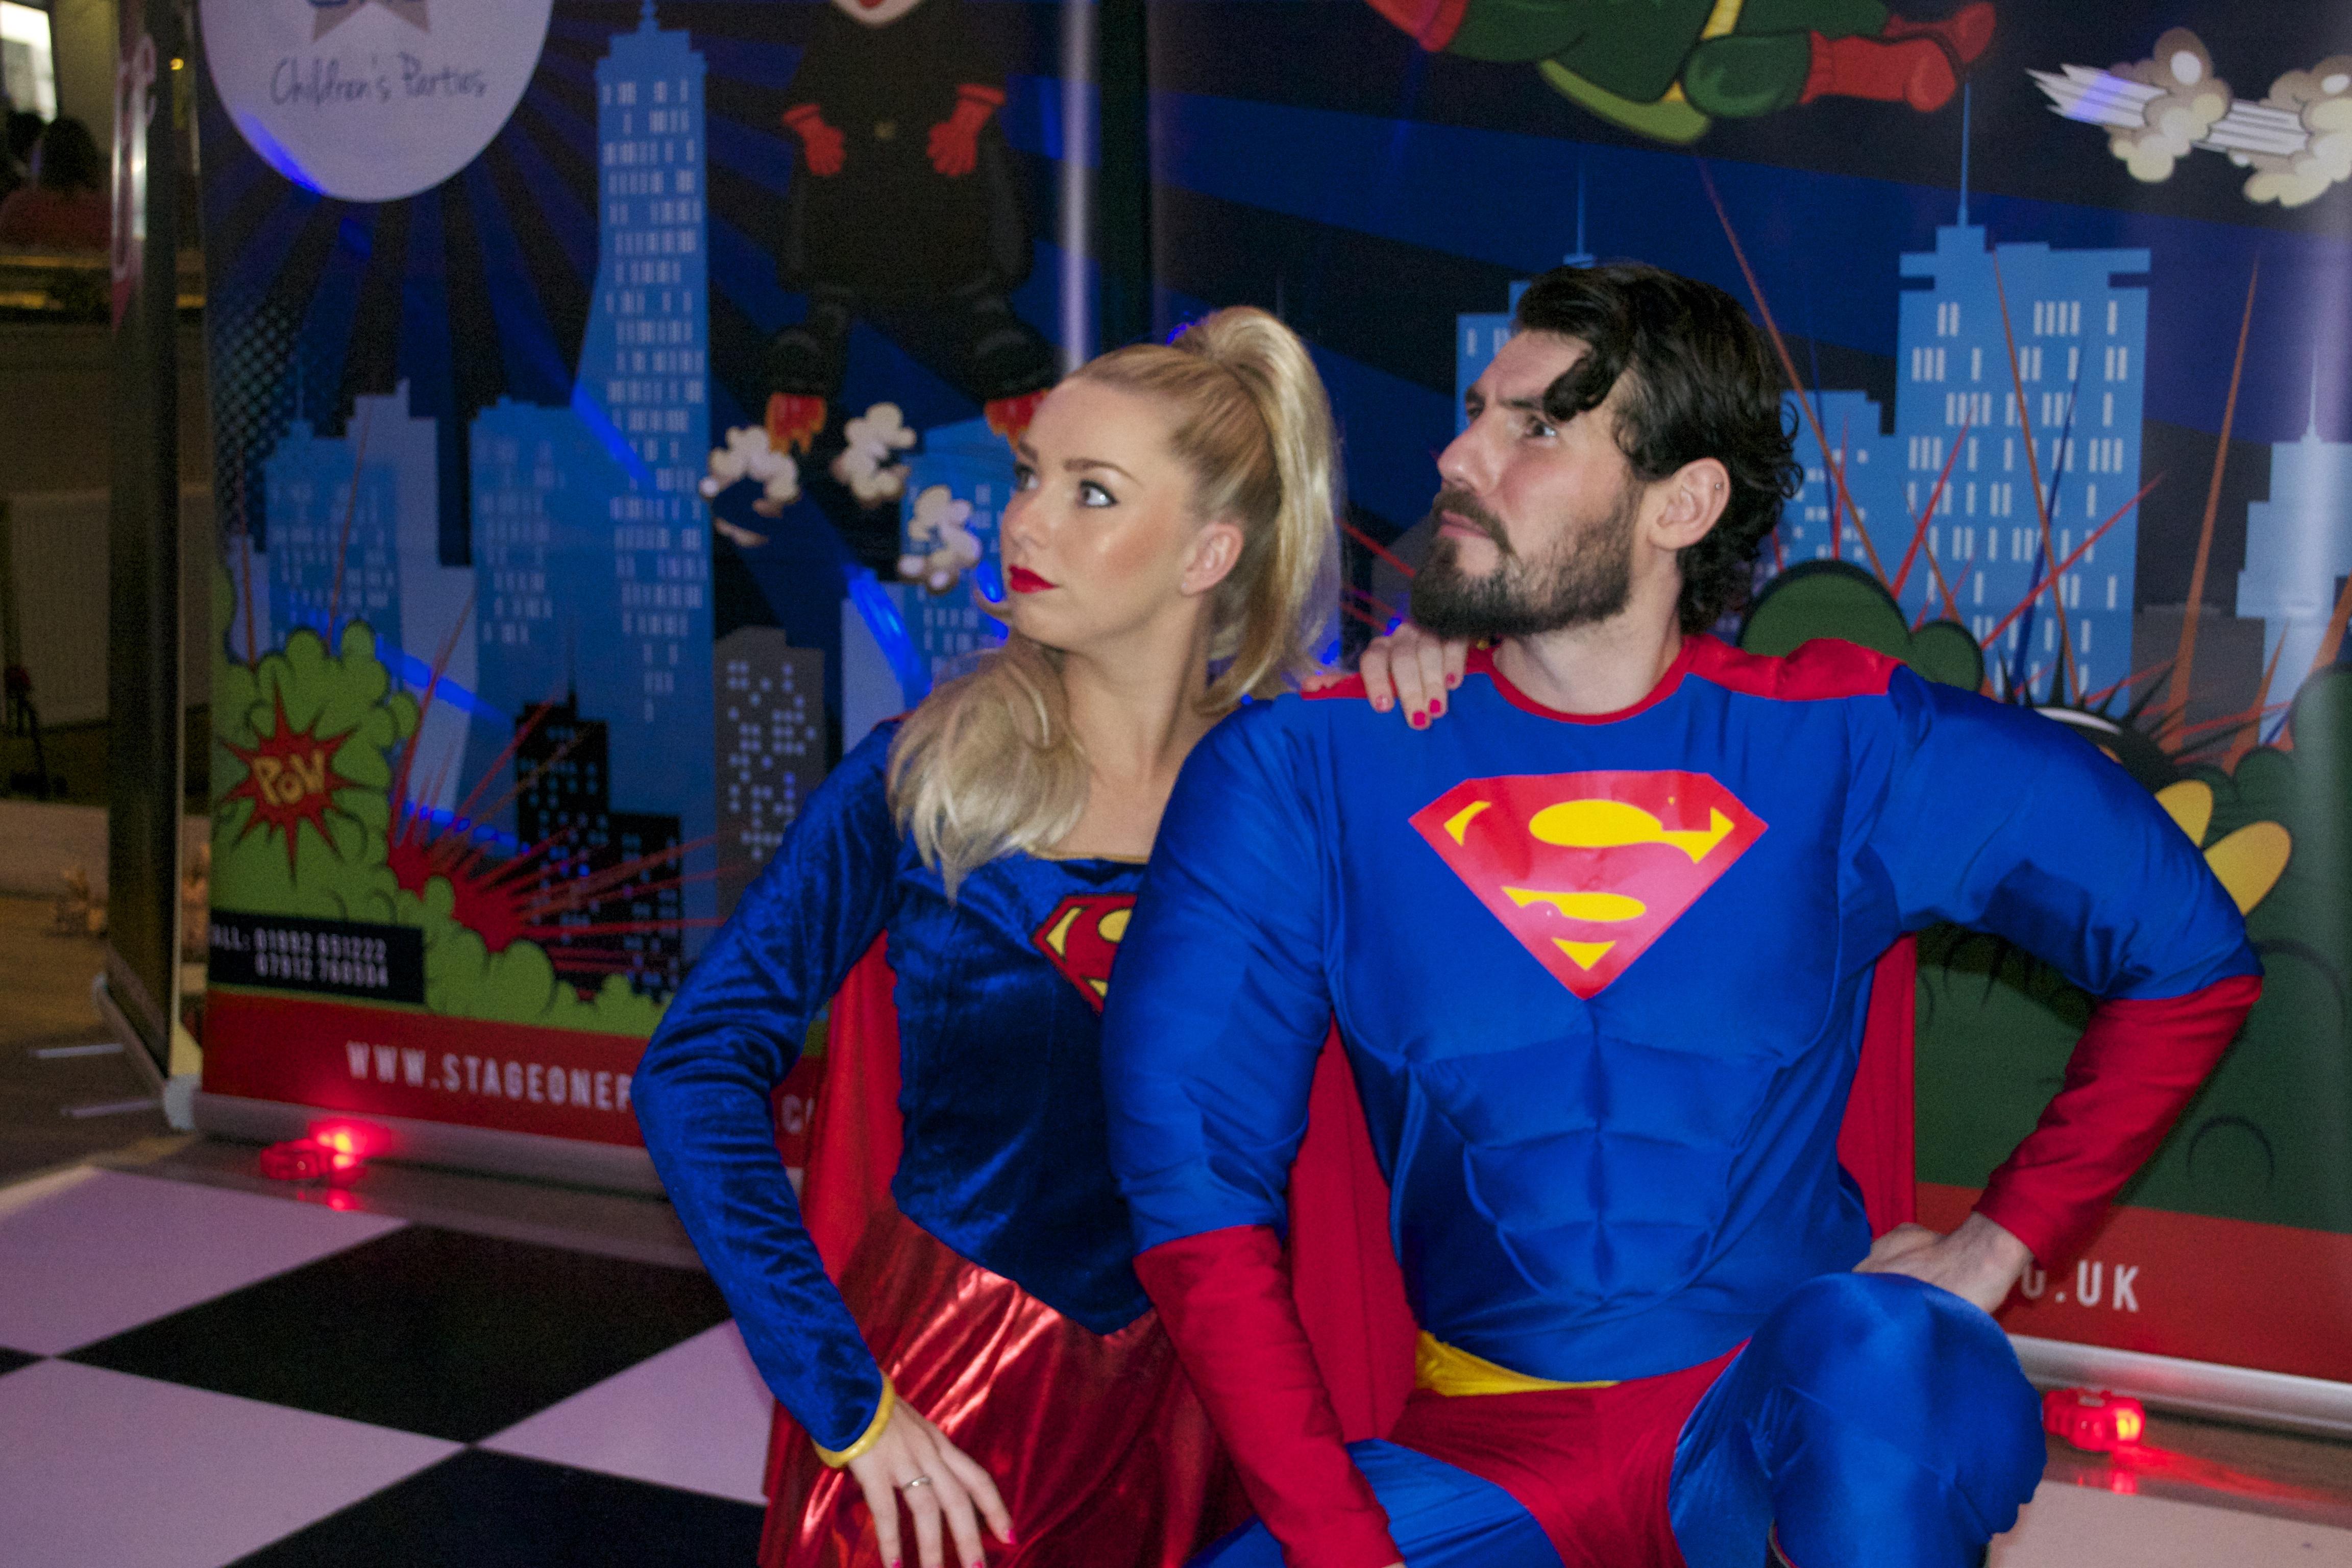 Super superheros